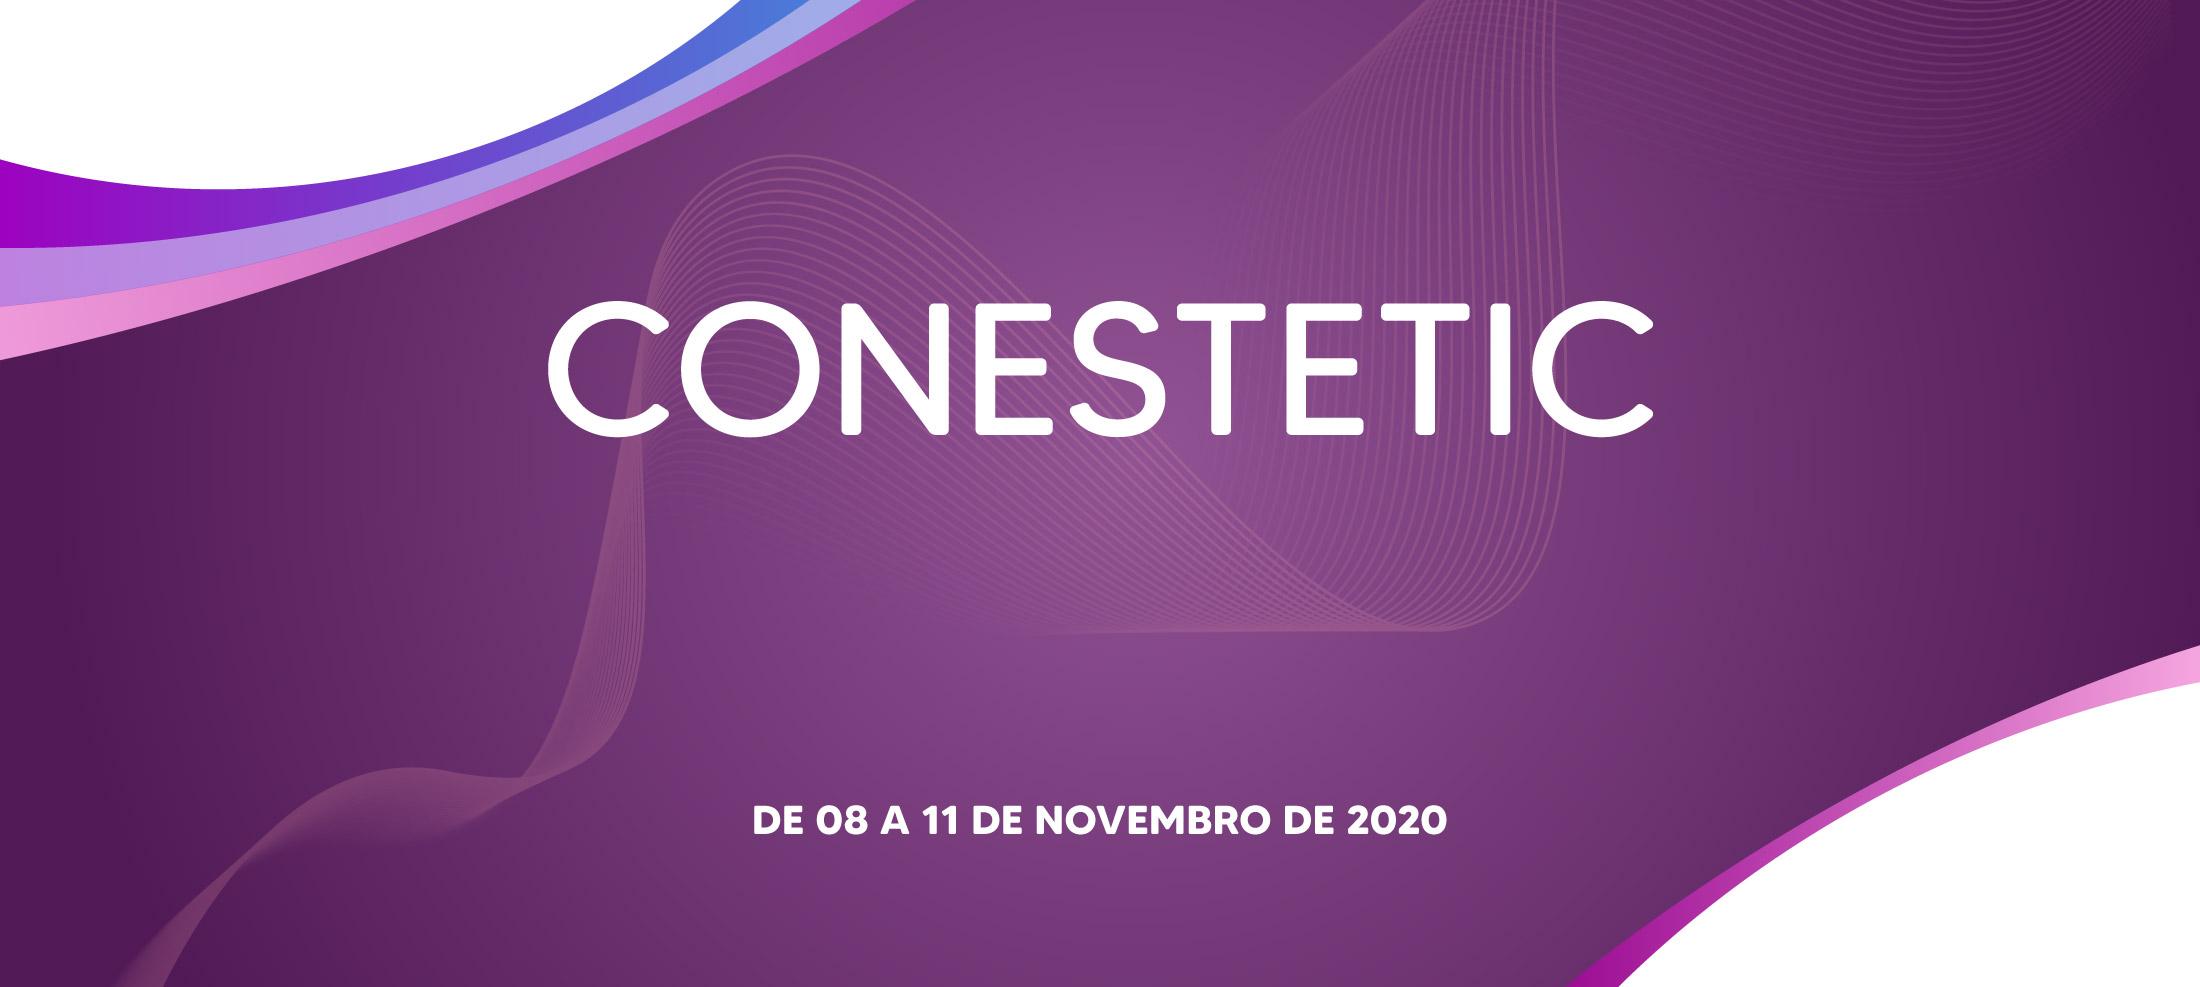 CONESTETIC